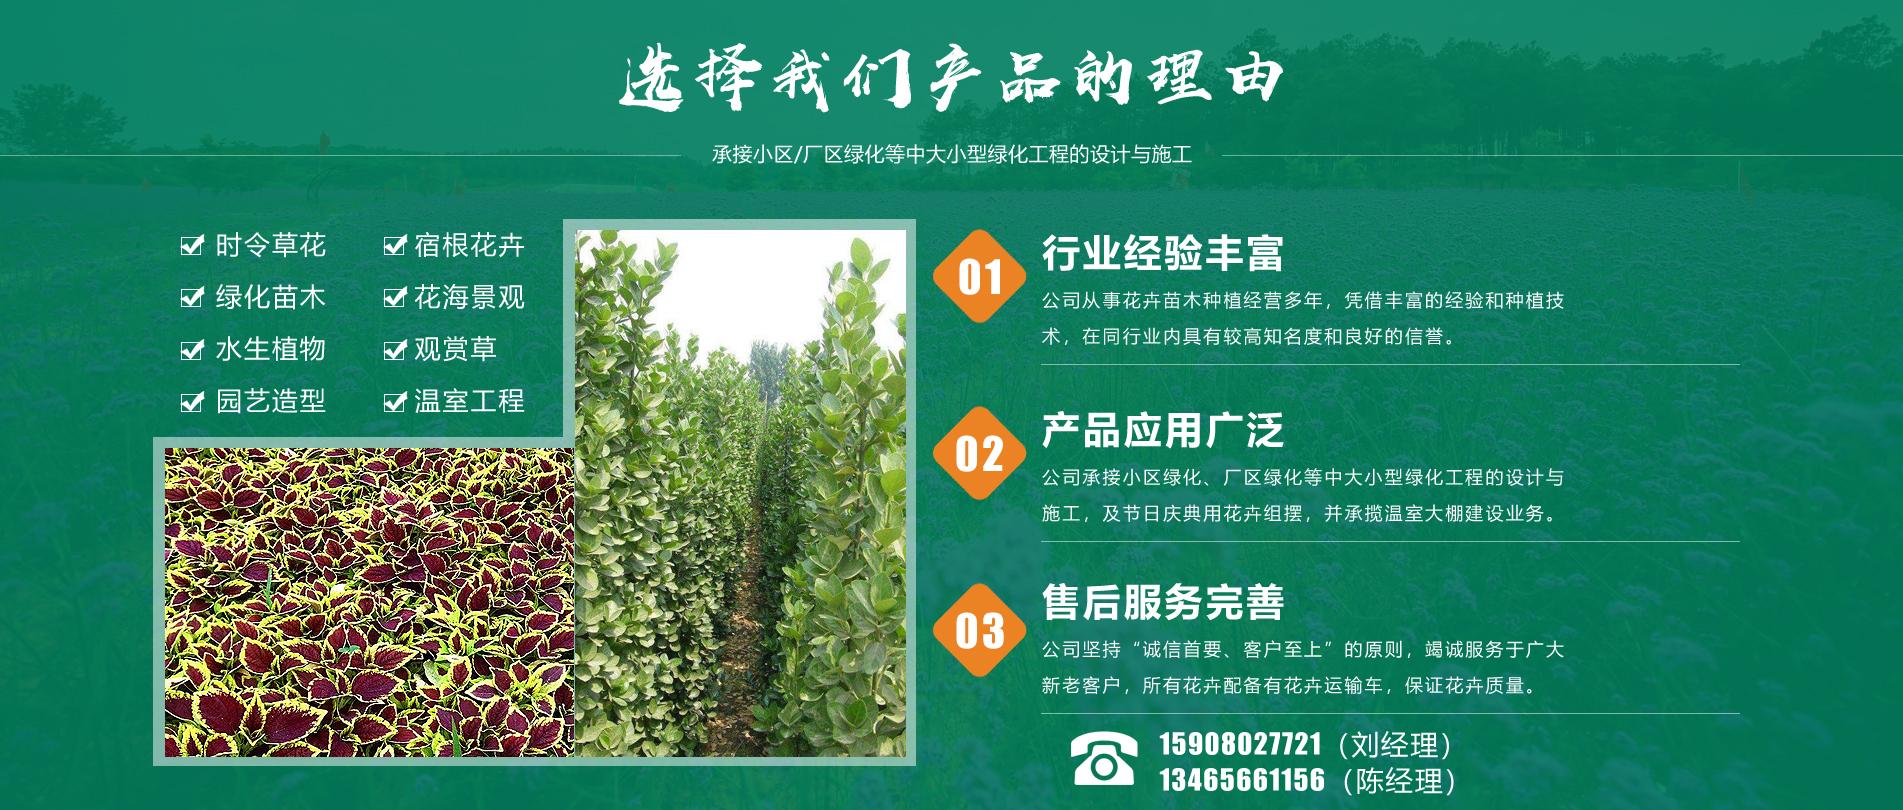 青州市国樾生态农业有限公司